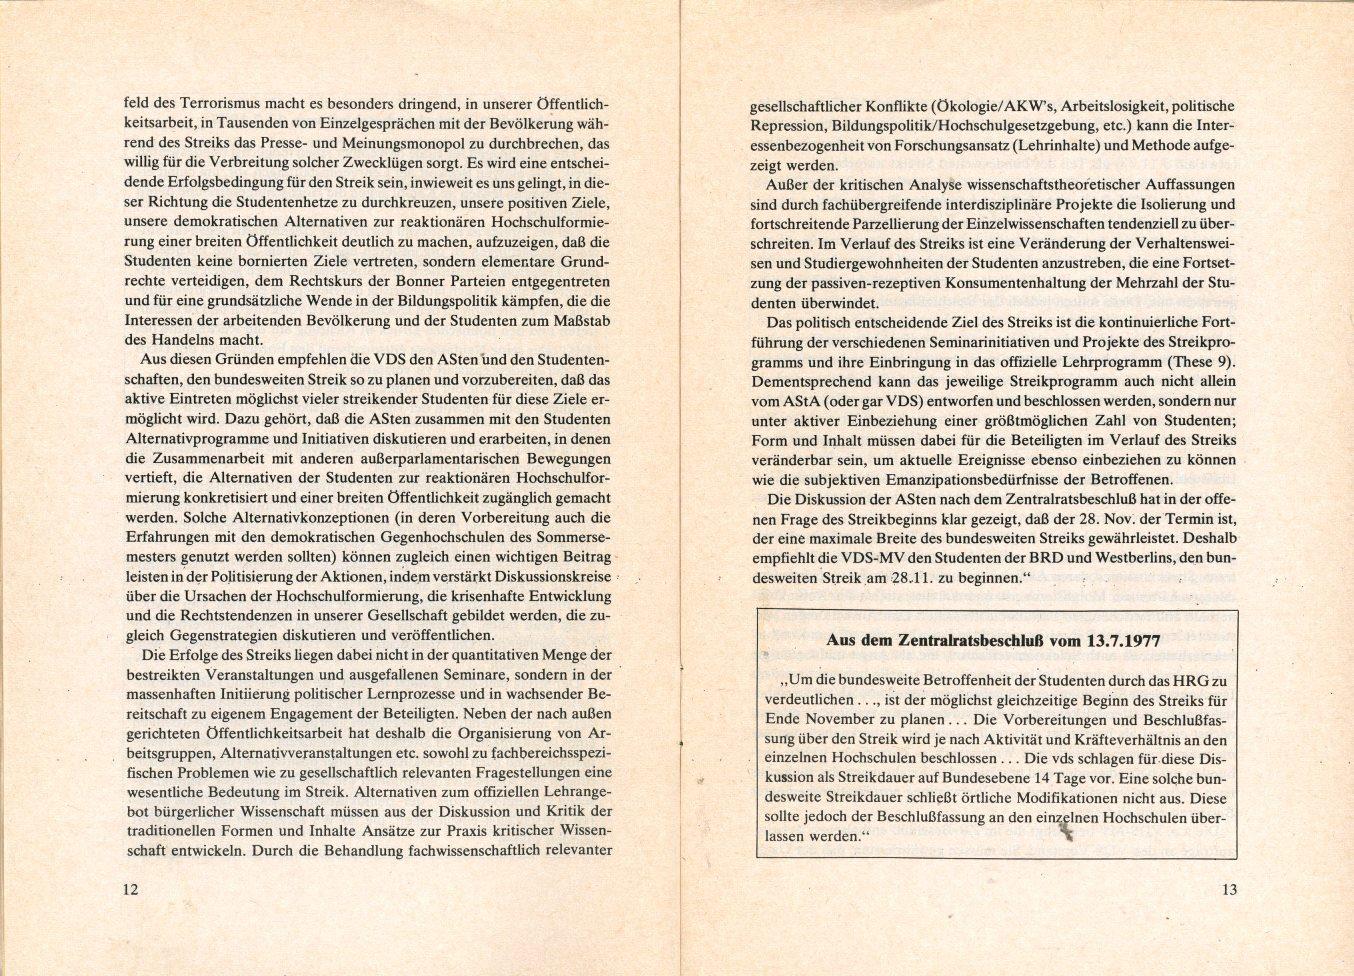 VDS_KBW_1977_MV_in_Giessen_07